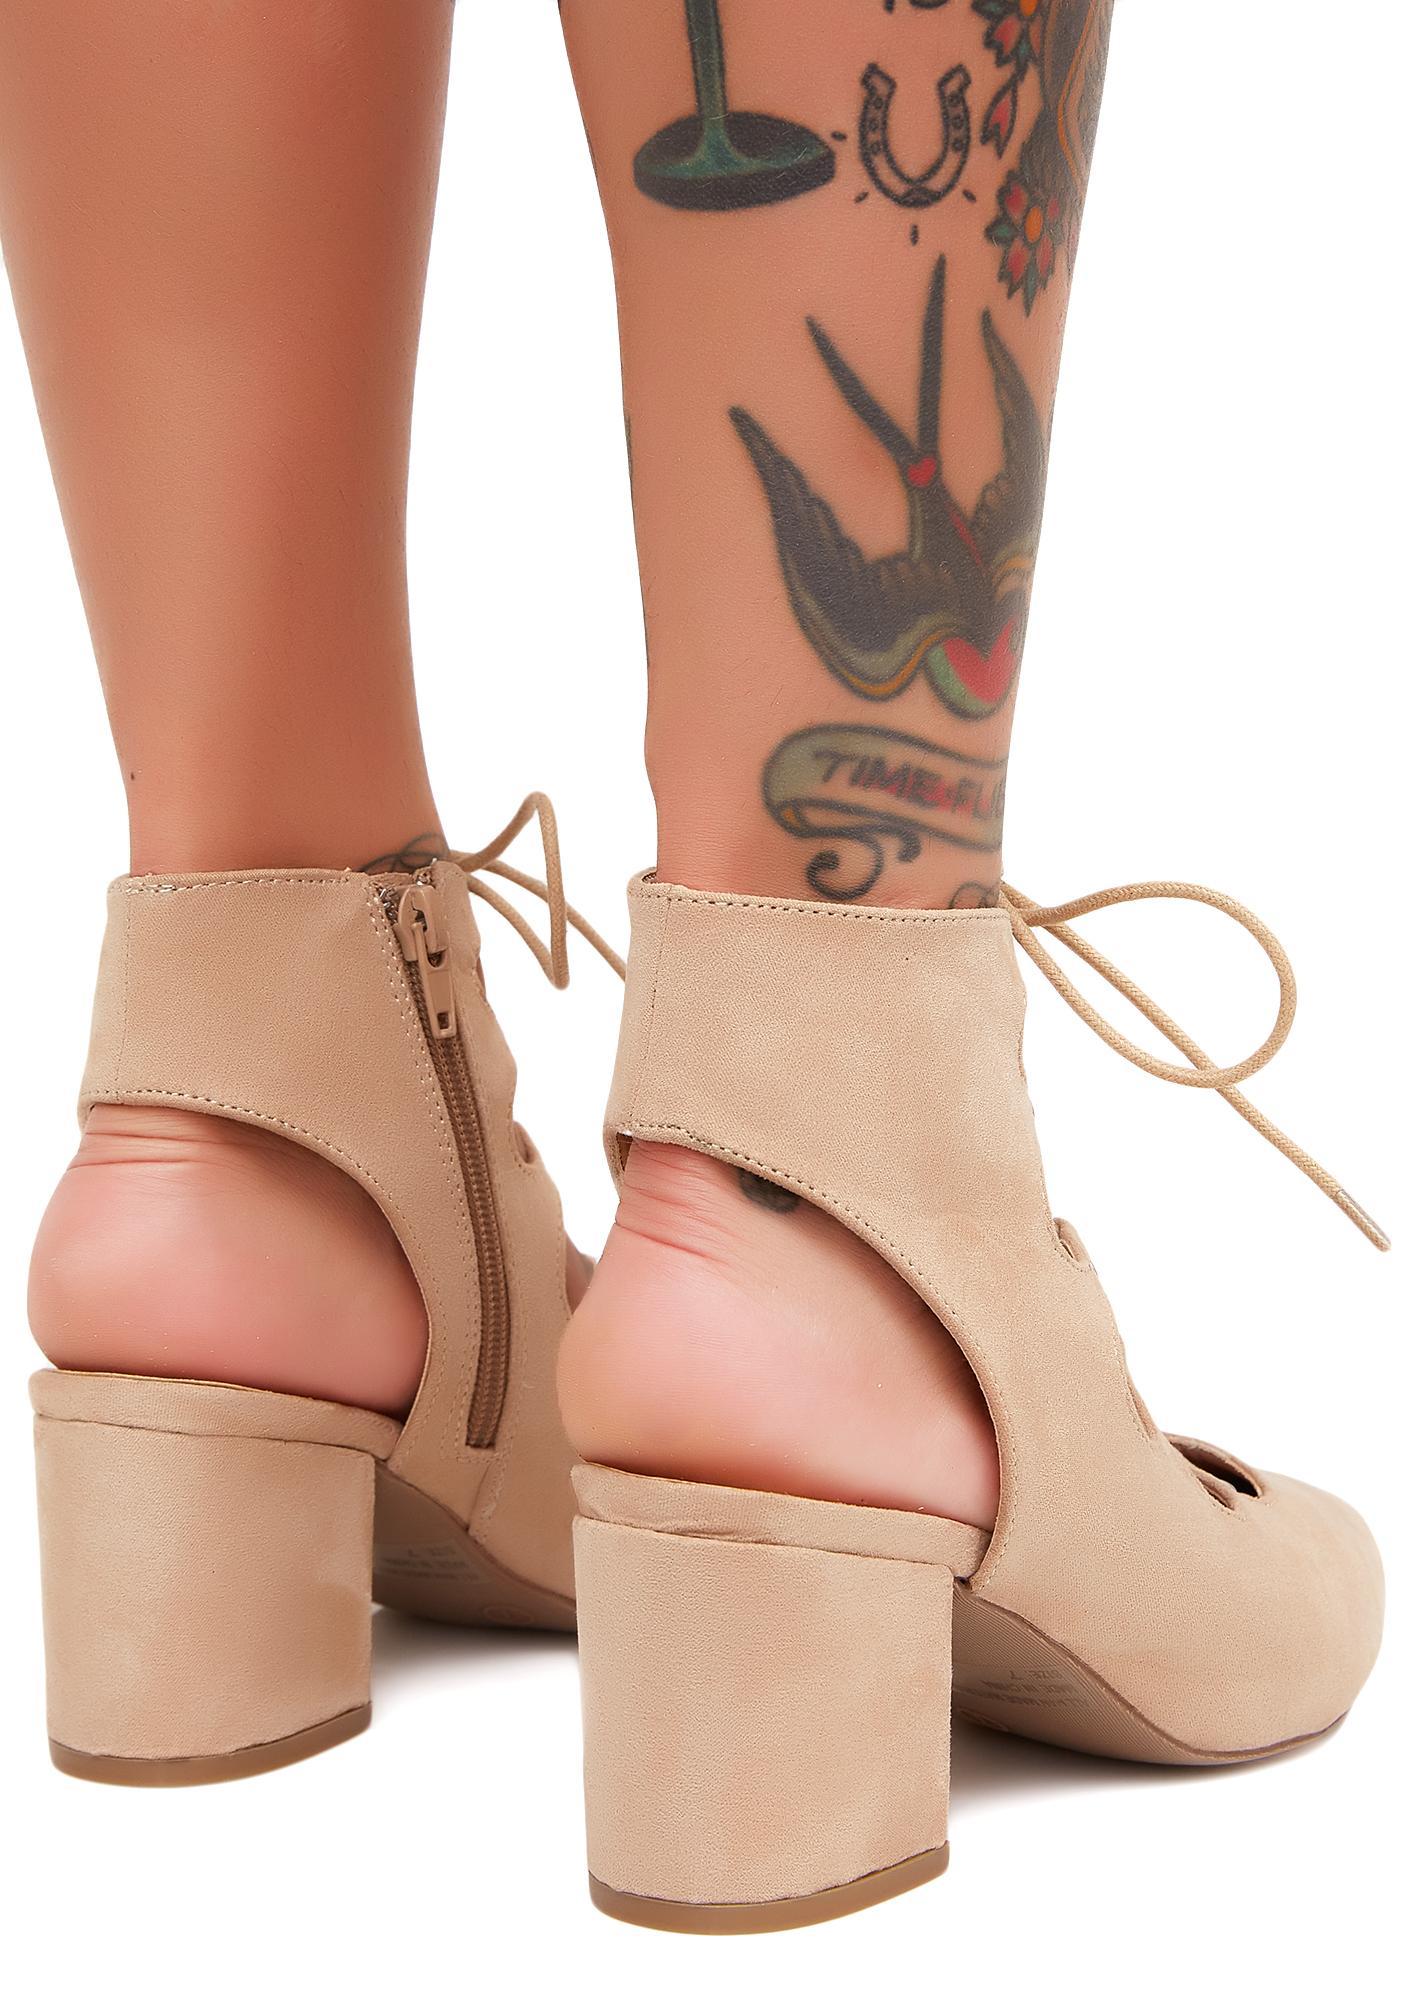 Natural Veruca Salt Heels